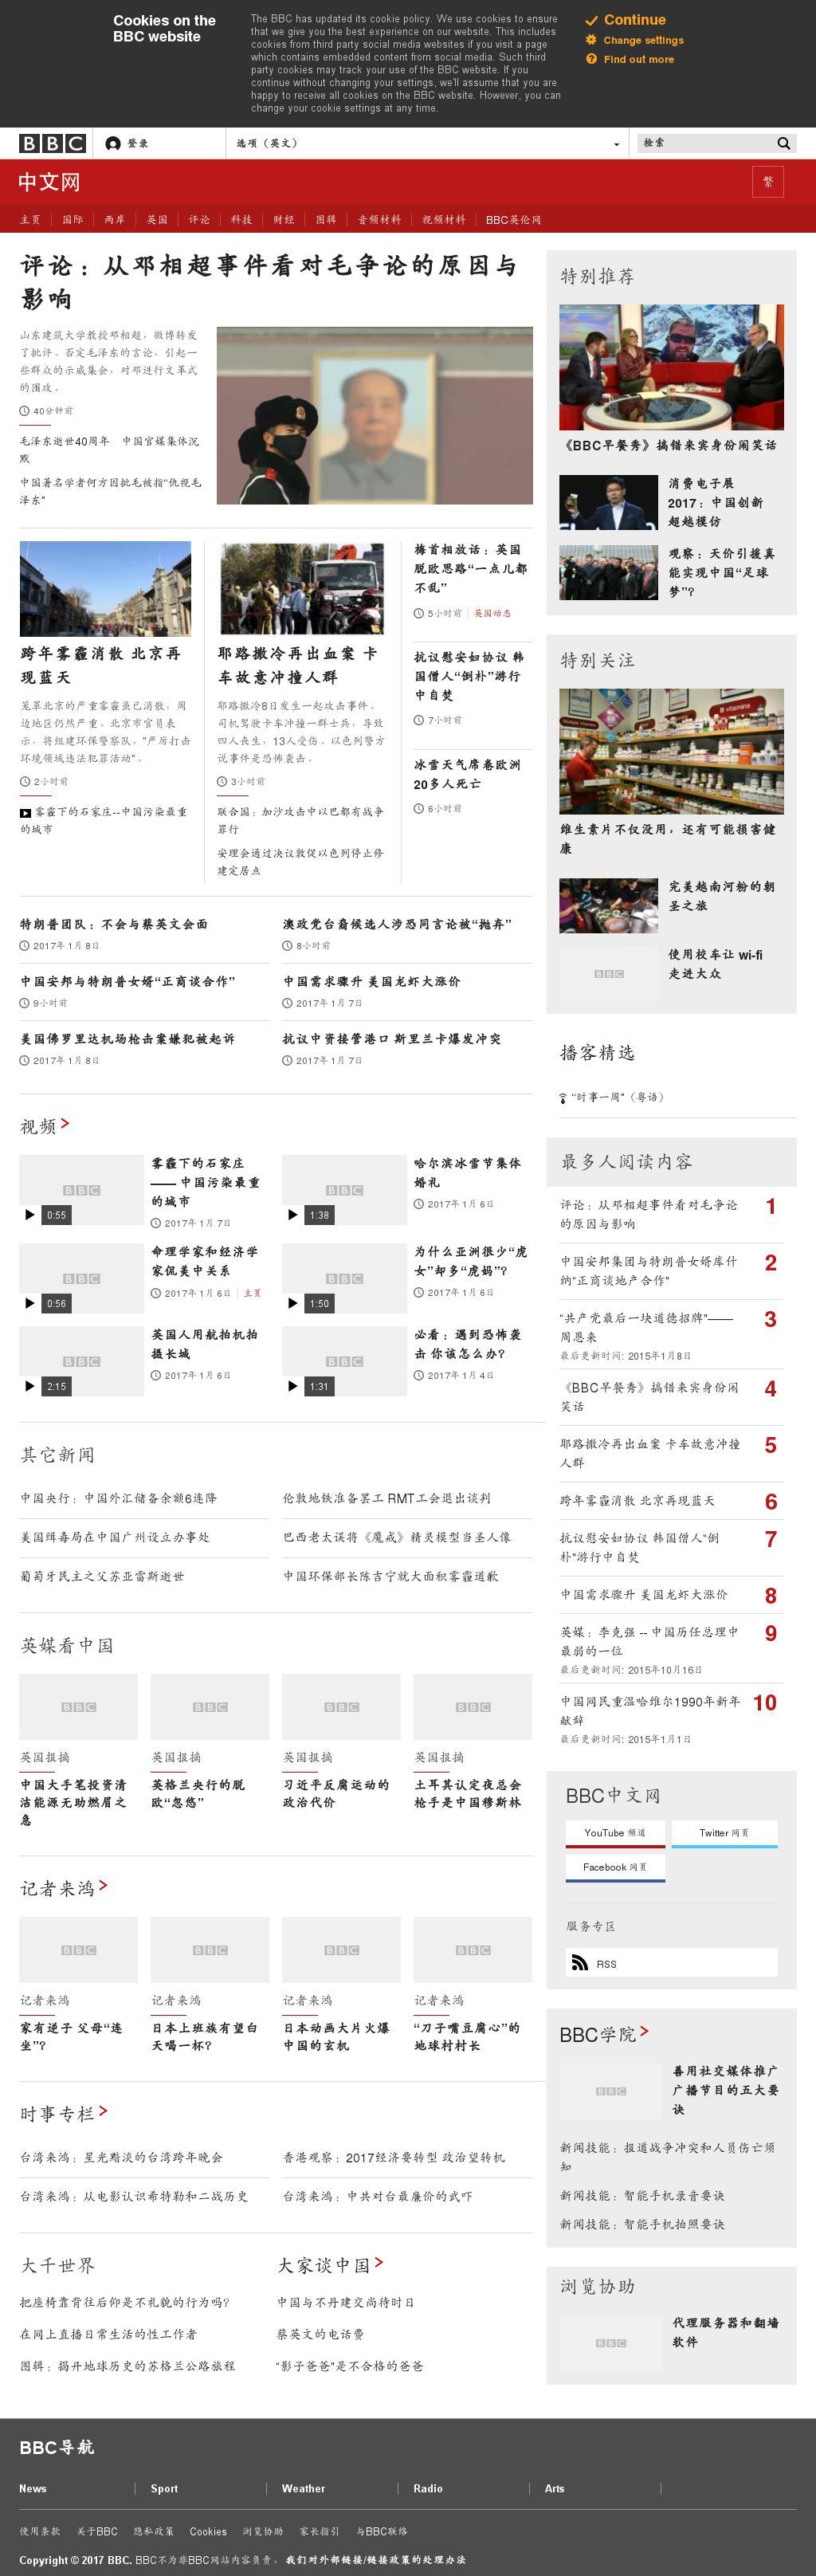 BBC (Chinese) at Sunday Jan. 8, 2017, 6:01 p.m. UTC